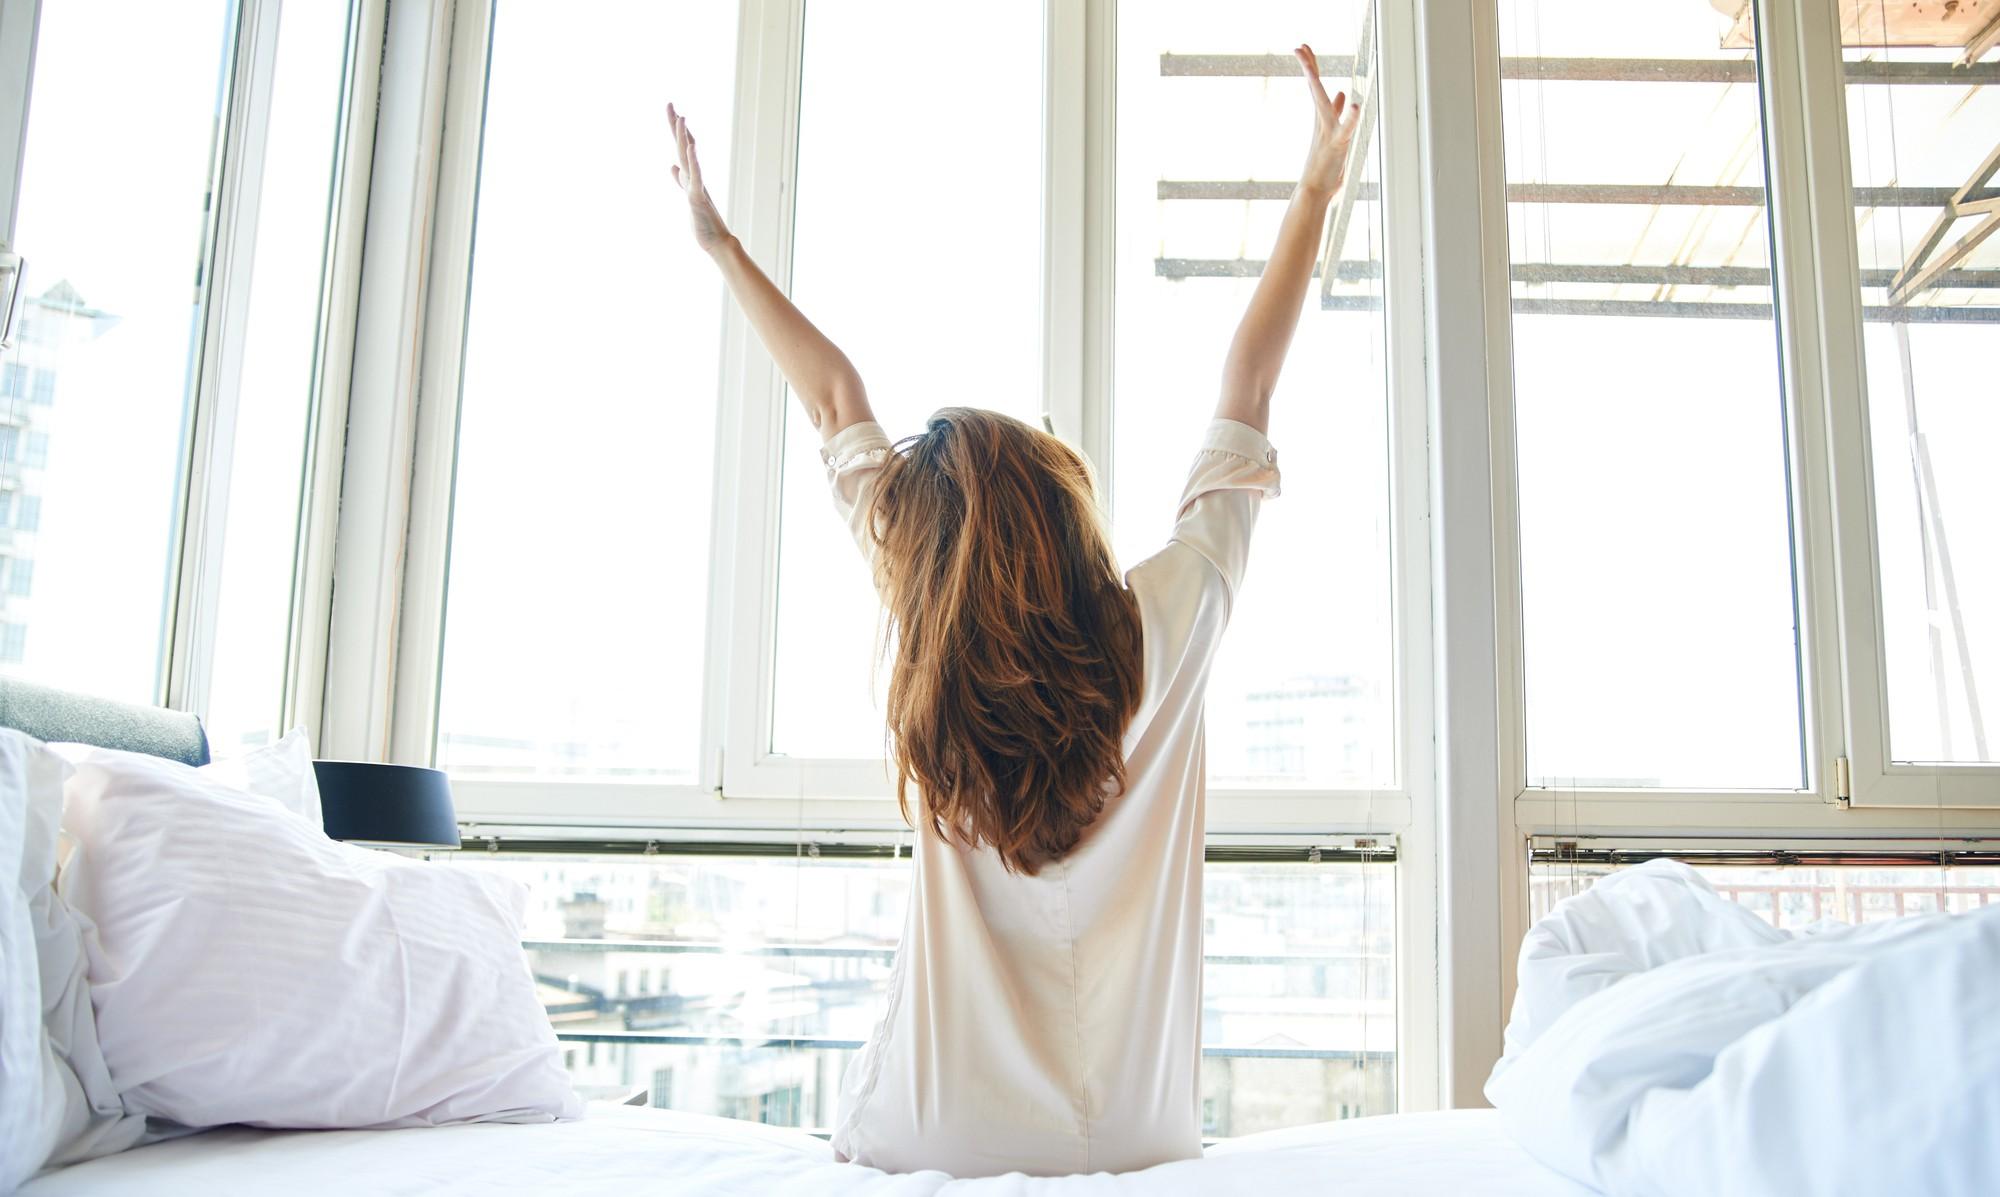 Sáng ngủ dậy nên làm ngay 5 việc này để cơ thể khỏe đẹp từ trong ra ngoài - Ảnh 2.